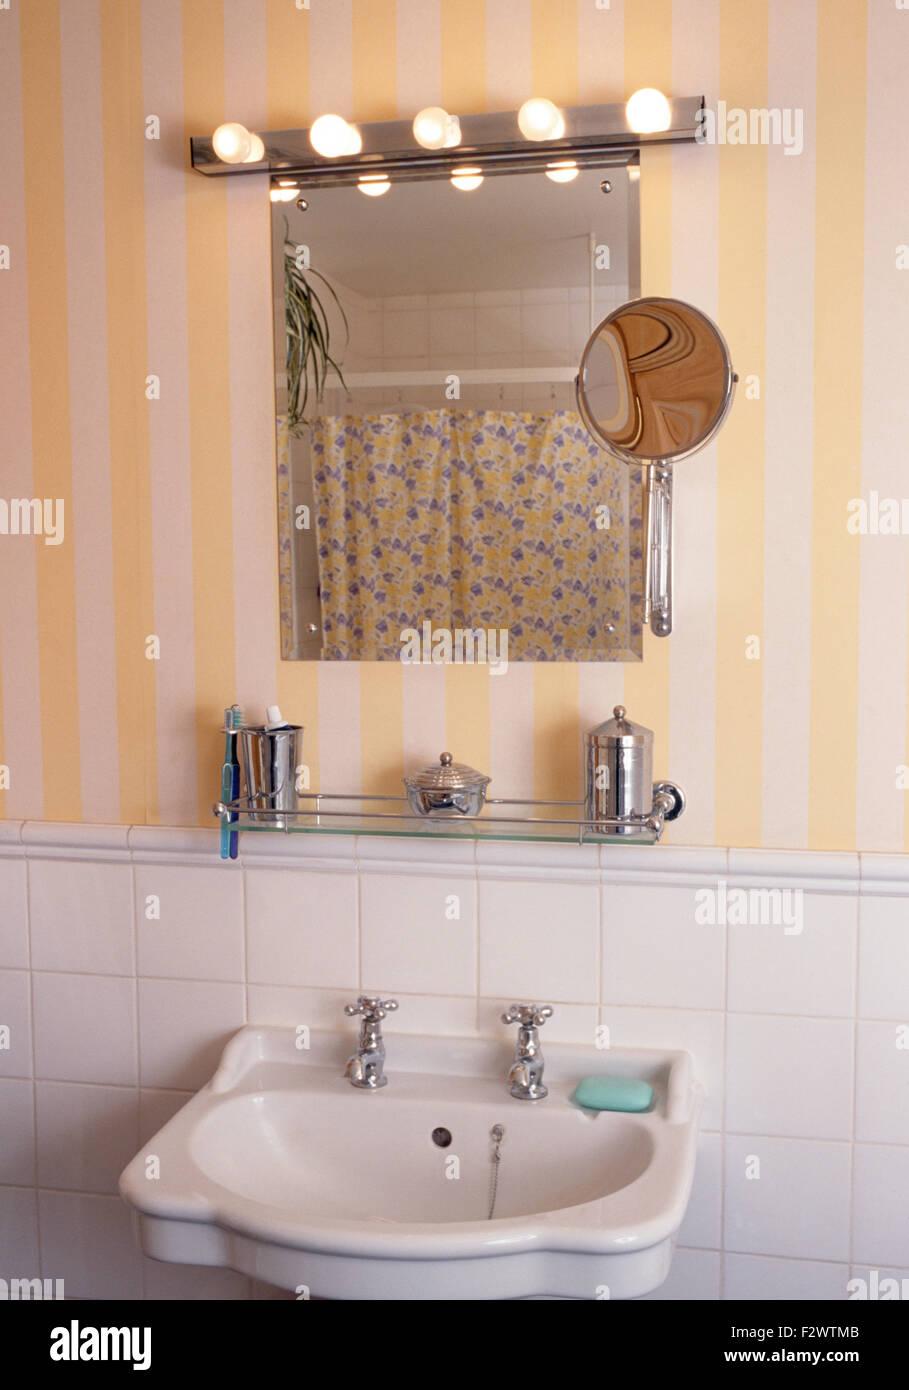 Hollywood Style Beleuchtung Am Spiegel über Dem Waschbecken In Der  Neunziger Jahre Bad Mit Gelb Gestreifte Tapete